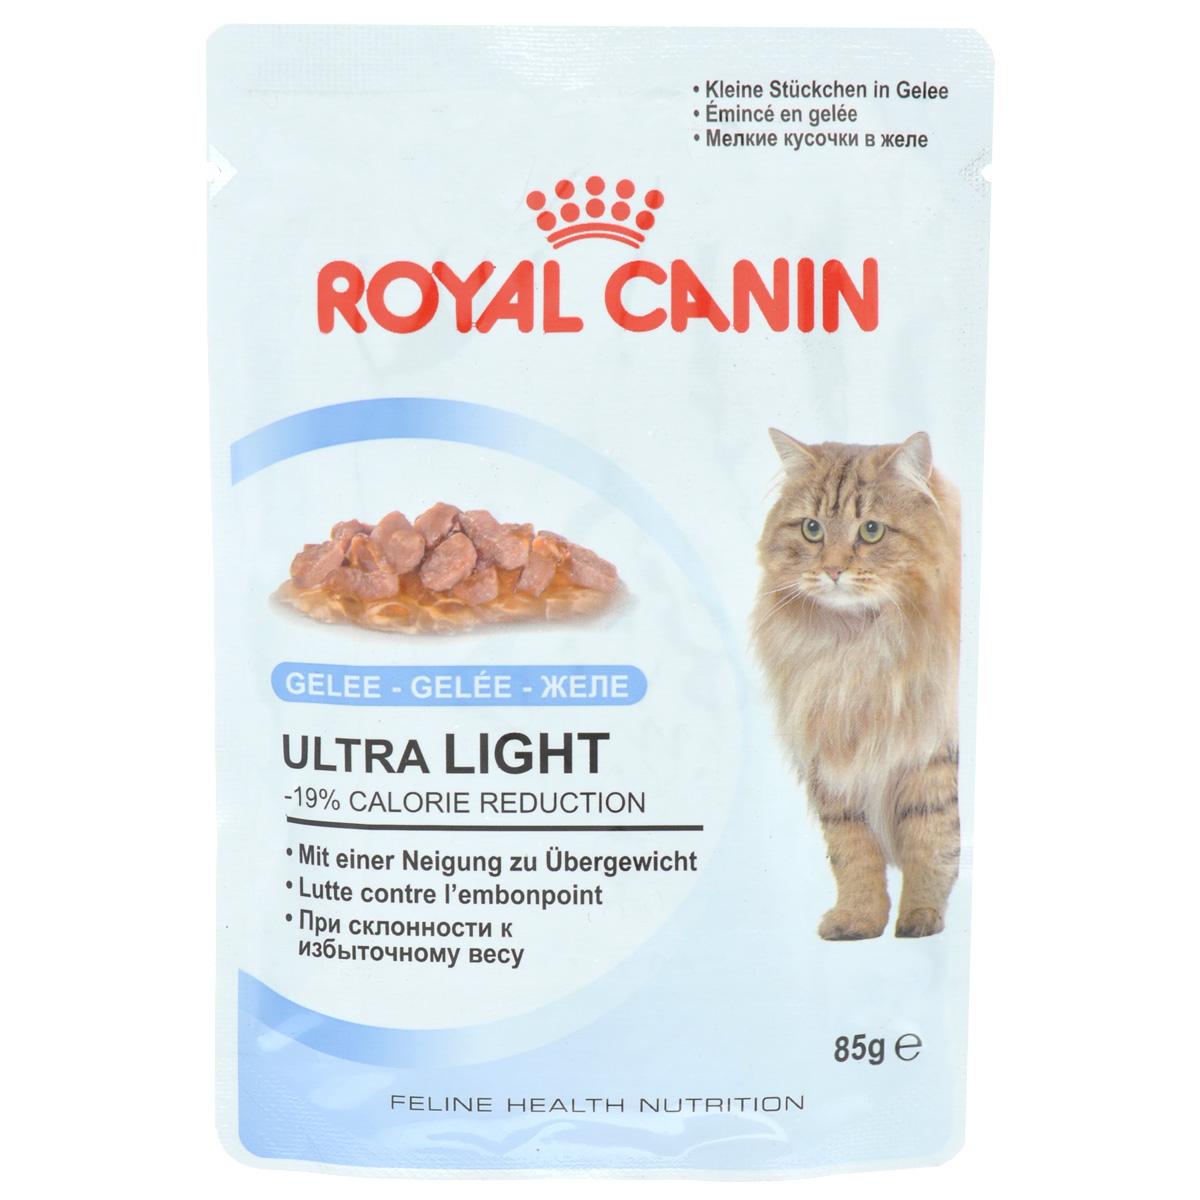 Консервы Royal Canin Ultra Light, для кошек, склонных к полноте, мелкие кусочки в желе, 85 г786001Консервы Royal Canin Ultra Light - полнорационный влажный корм рекомендован кошкам старше 1 года. Излишний вес может нанести вред здоровью вашей кошки! Излишний вес у кошек обычно бывает вызван несбалансированностью между поступлением энергии (слишком большим количеством еды или высококалорийной диетой) и расходом энергии (недостаточной подвижностью). У взрослых кошек, особенно имеющих лишний вес, может развиться мочекаменная болезнь, возникающая из-за недостаточного потребления воды и редкого мочеиспускания Если при похудении используется питание с недостаточным содержанием белка, возможны потери не только жировой, но и мышечной массы кошки. -19% калорий. Влажный корм Ultra Light 10 помогает сократить количество спонтанно потребляемых кошкой калорий. L-карнитин стимулирует расщепление жиров. Поддержание мышечной массы. Способствует поддержанию мышечной массы кошки благодаря высокому содержанию биологически ценного протеина и потере...